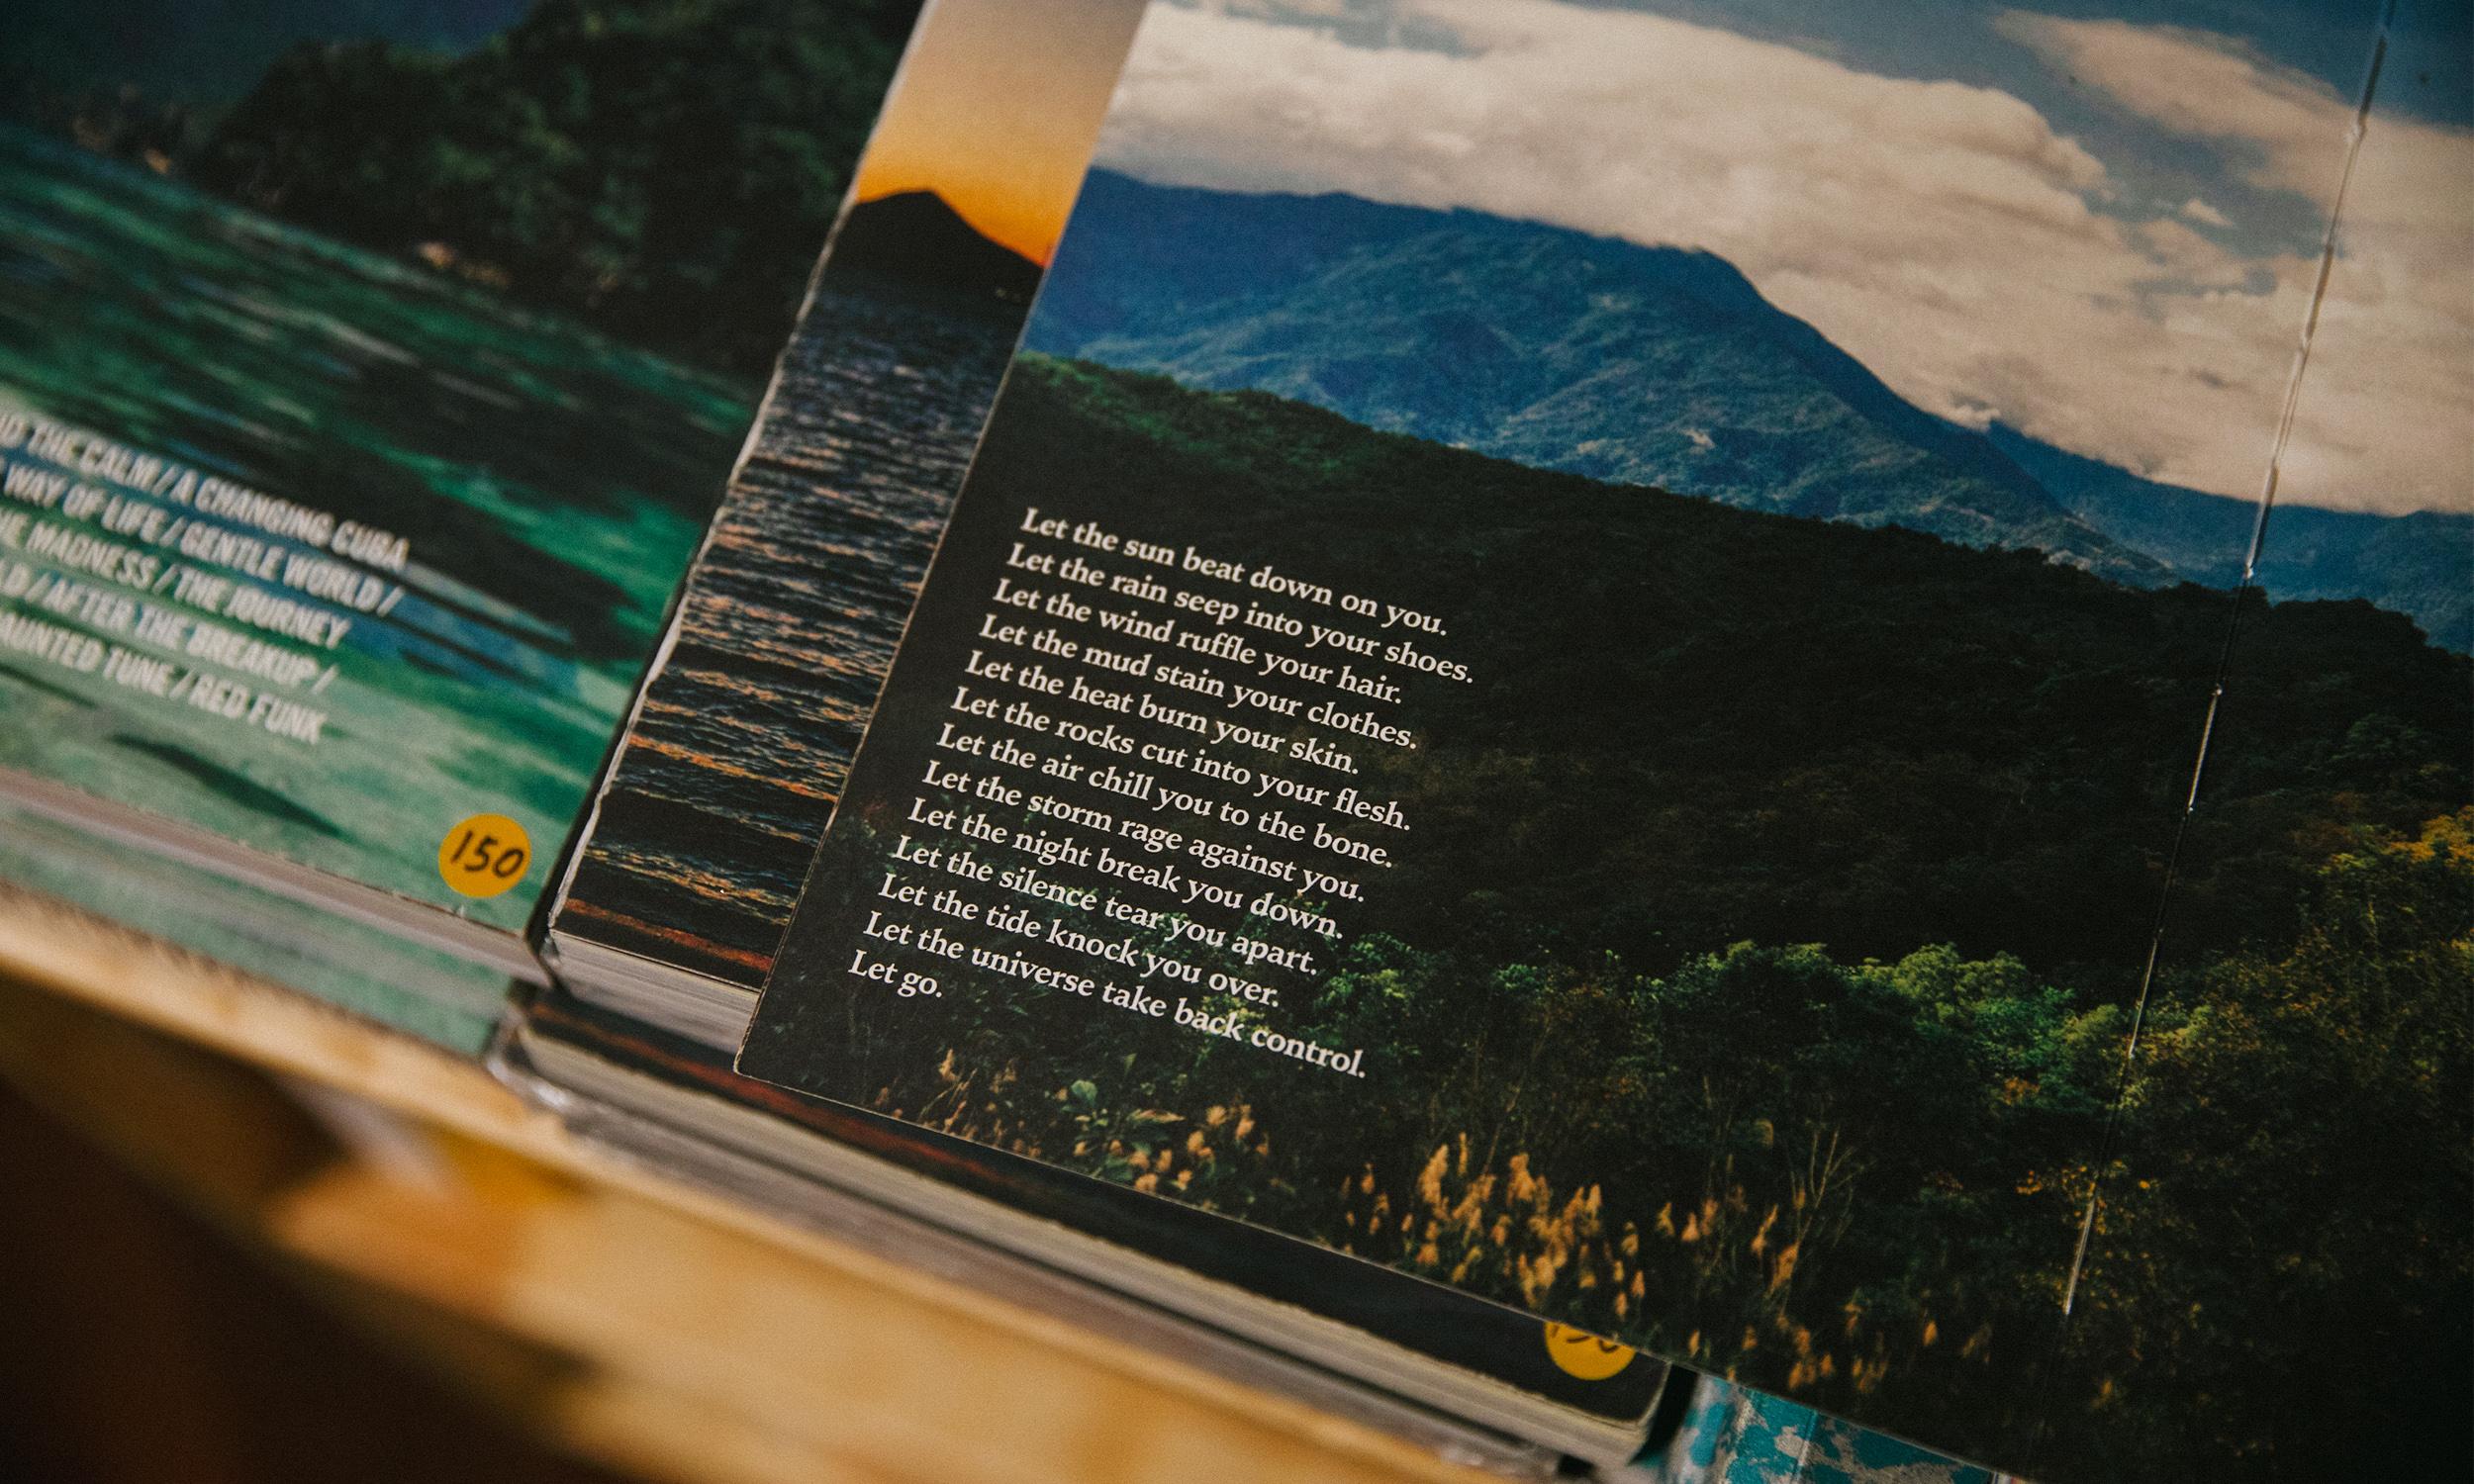 《LOST》:不会告诉你攻略的「非典型」独立旅行杂志